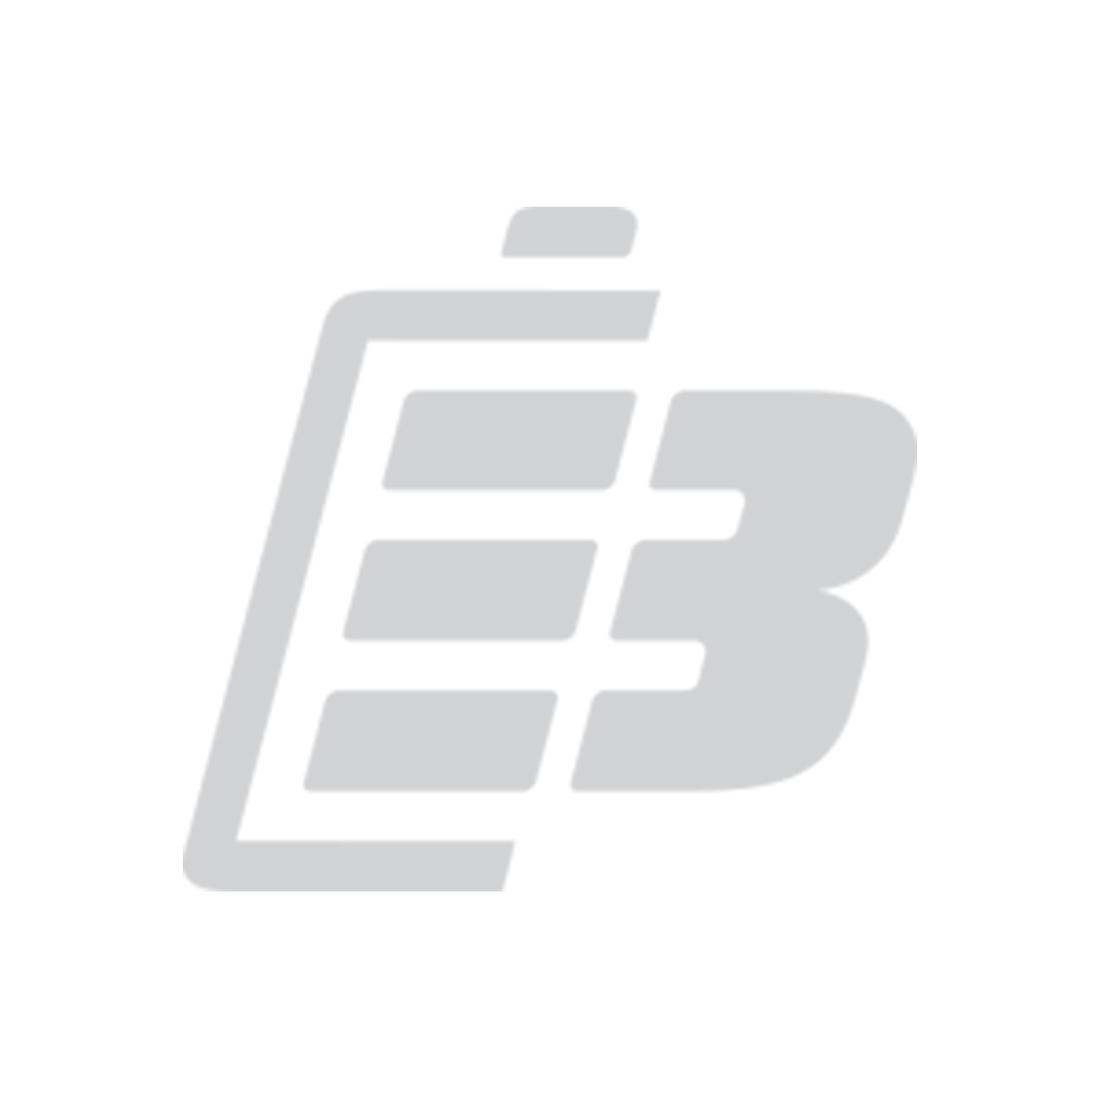 Μπαταρία ασύρματου τηλεφώνου Panasonic HHR-P105_1